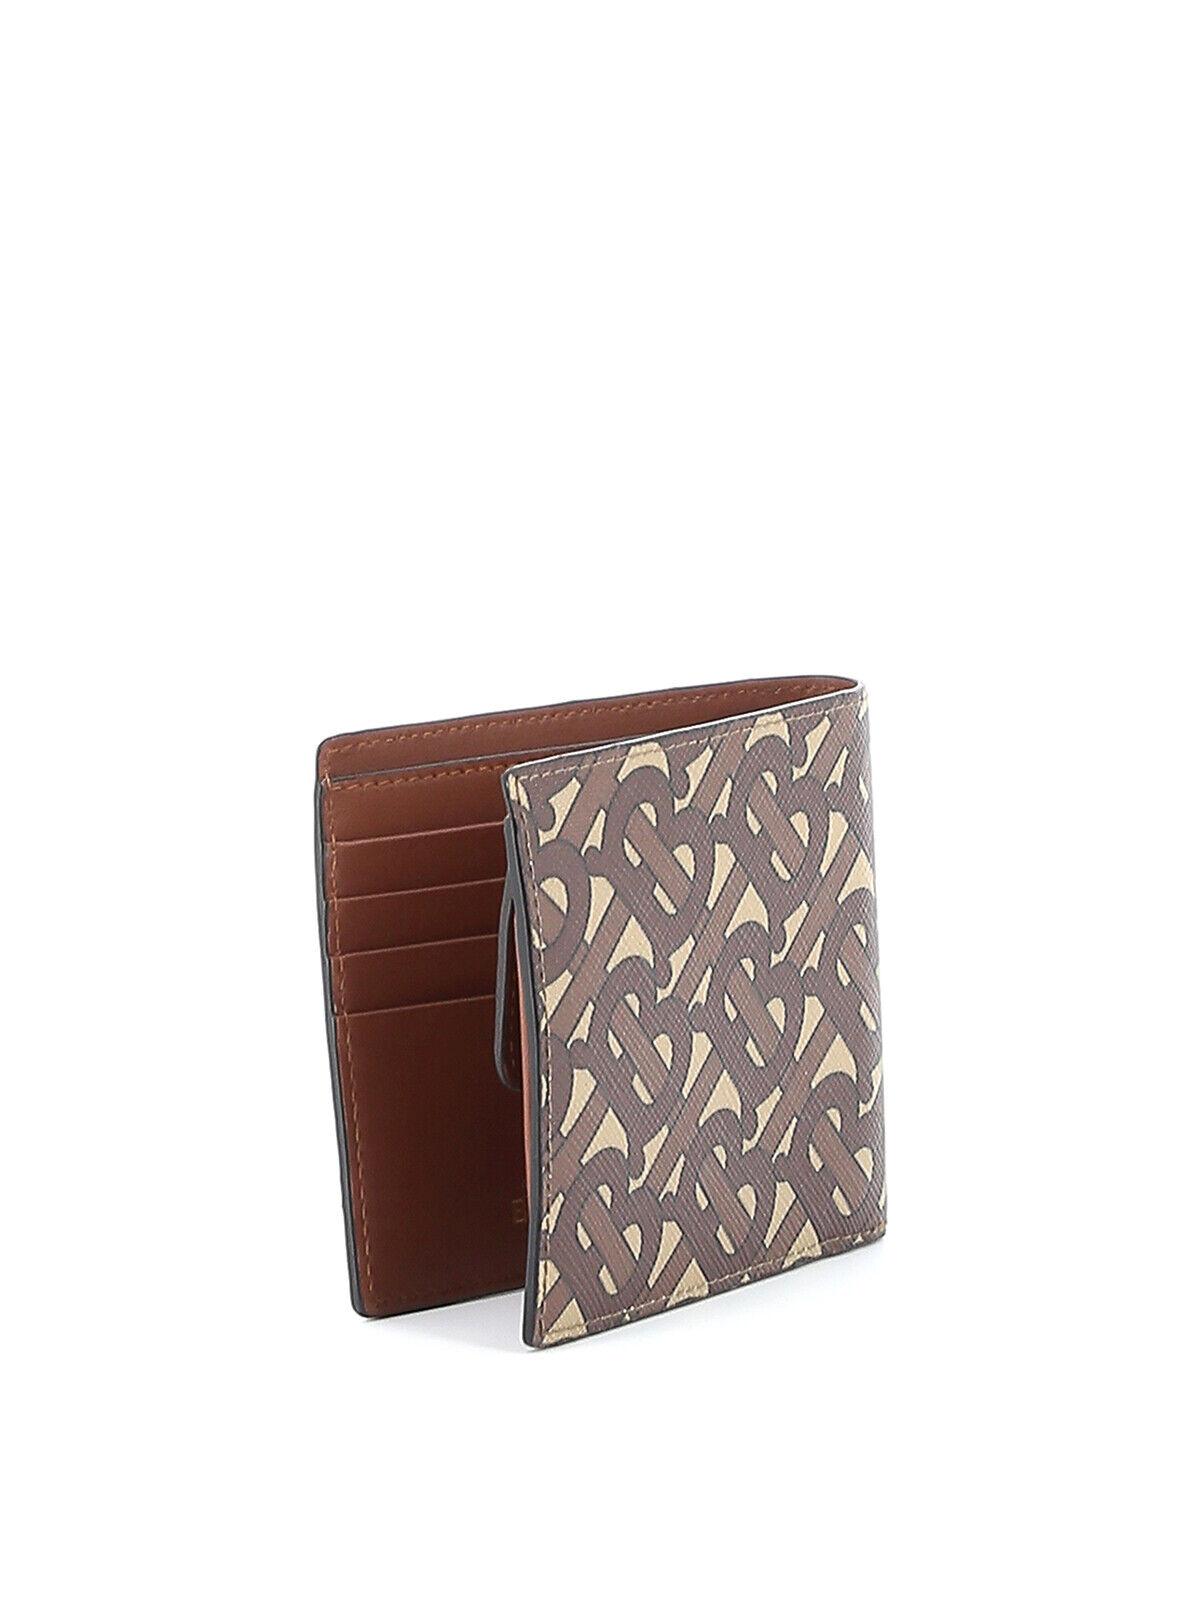 Burberry Wallet Cotton CC BILL COIN TB Man Brown 8022913 Sz. U MAKE OFFER